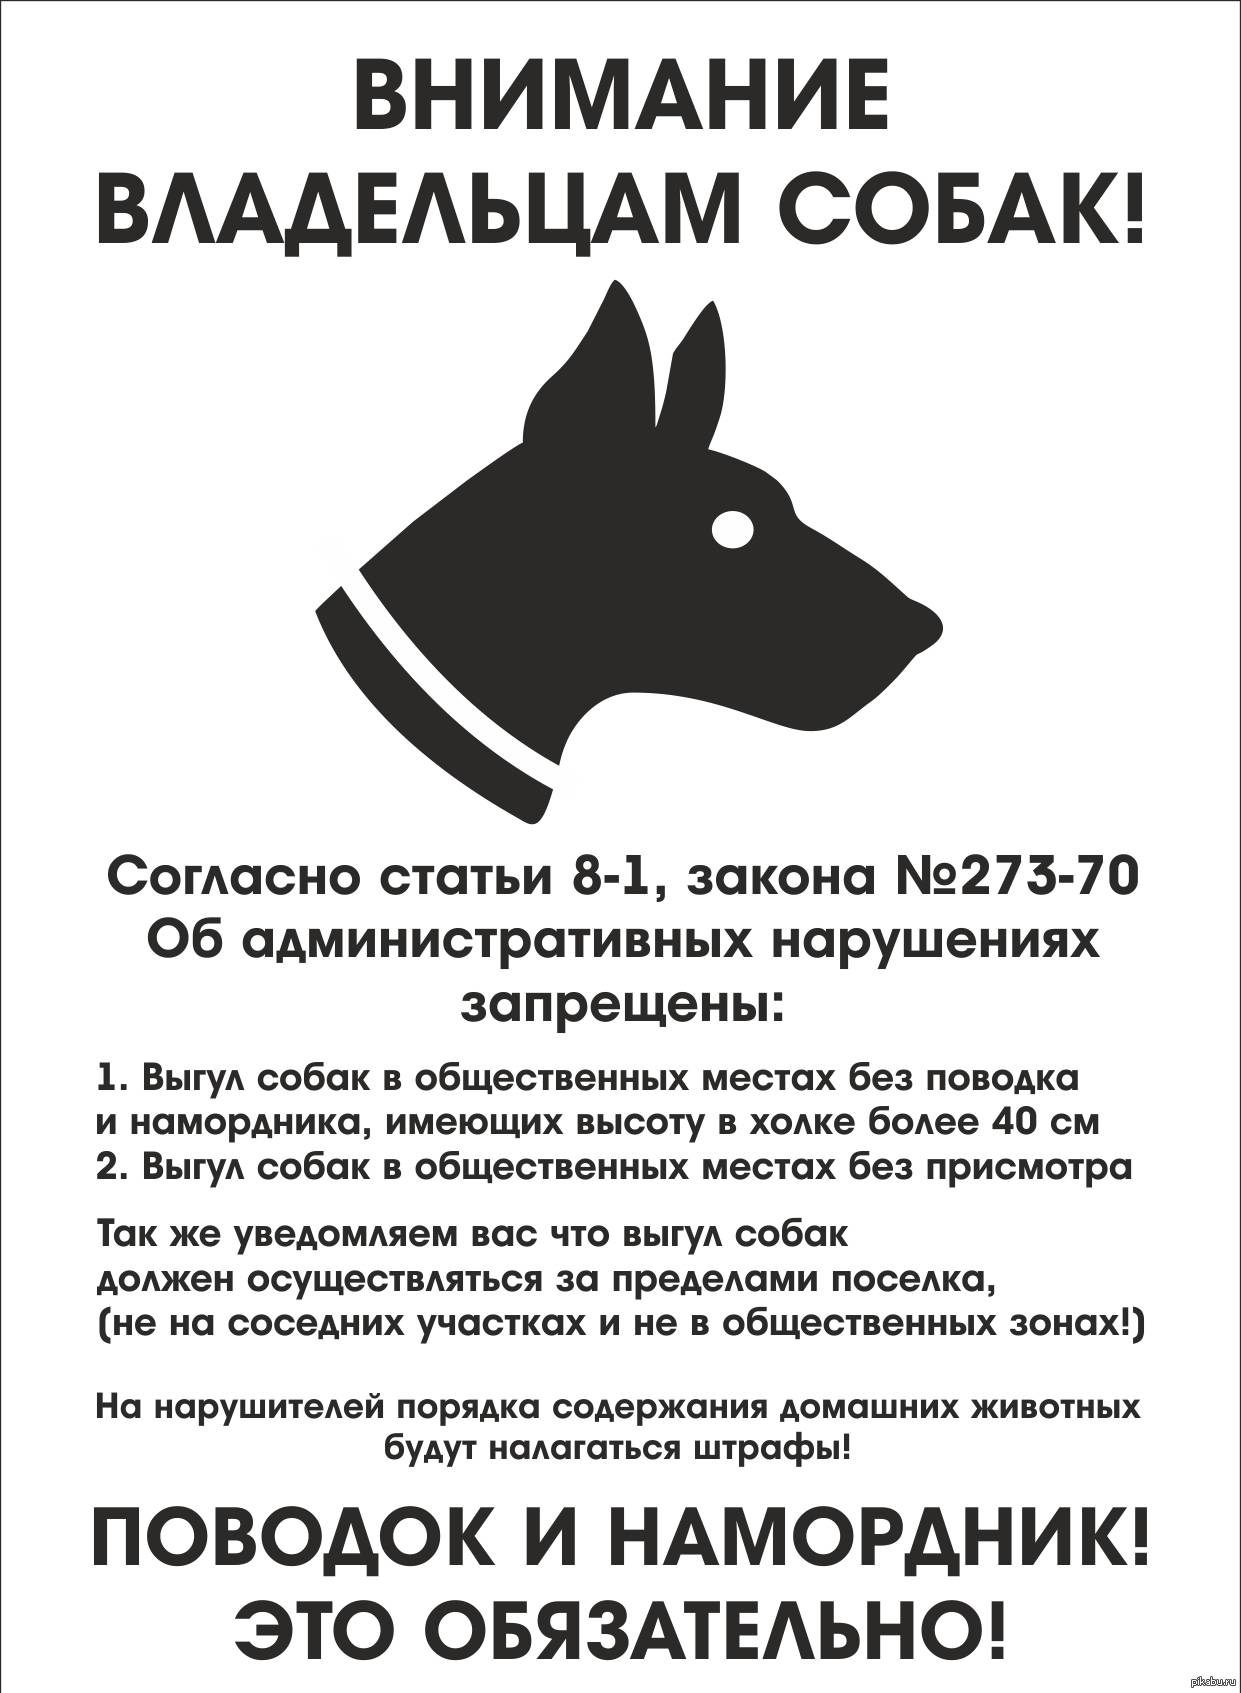 Правила и закон о выгуле собак 2021: намордники, поводки и их отсутствие, где можно гулять и ответственность за нарушение